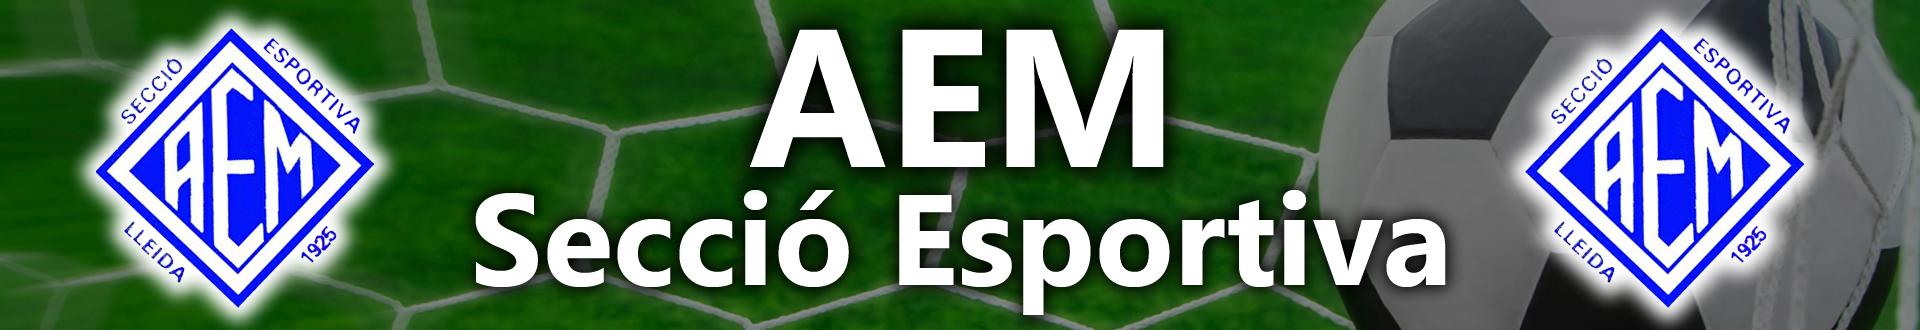 Secció Esportiva AEM Entitats esportives Lleida Lleida